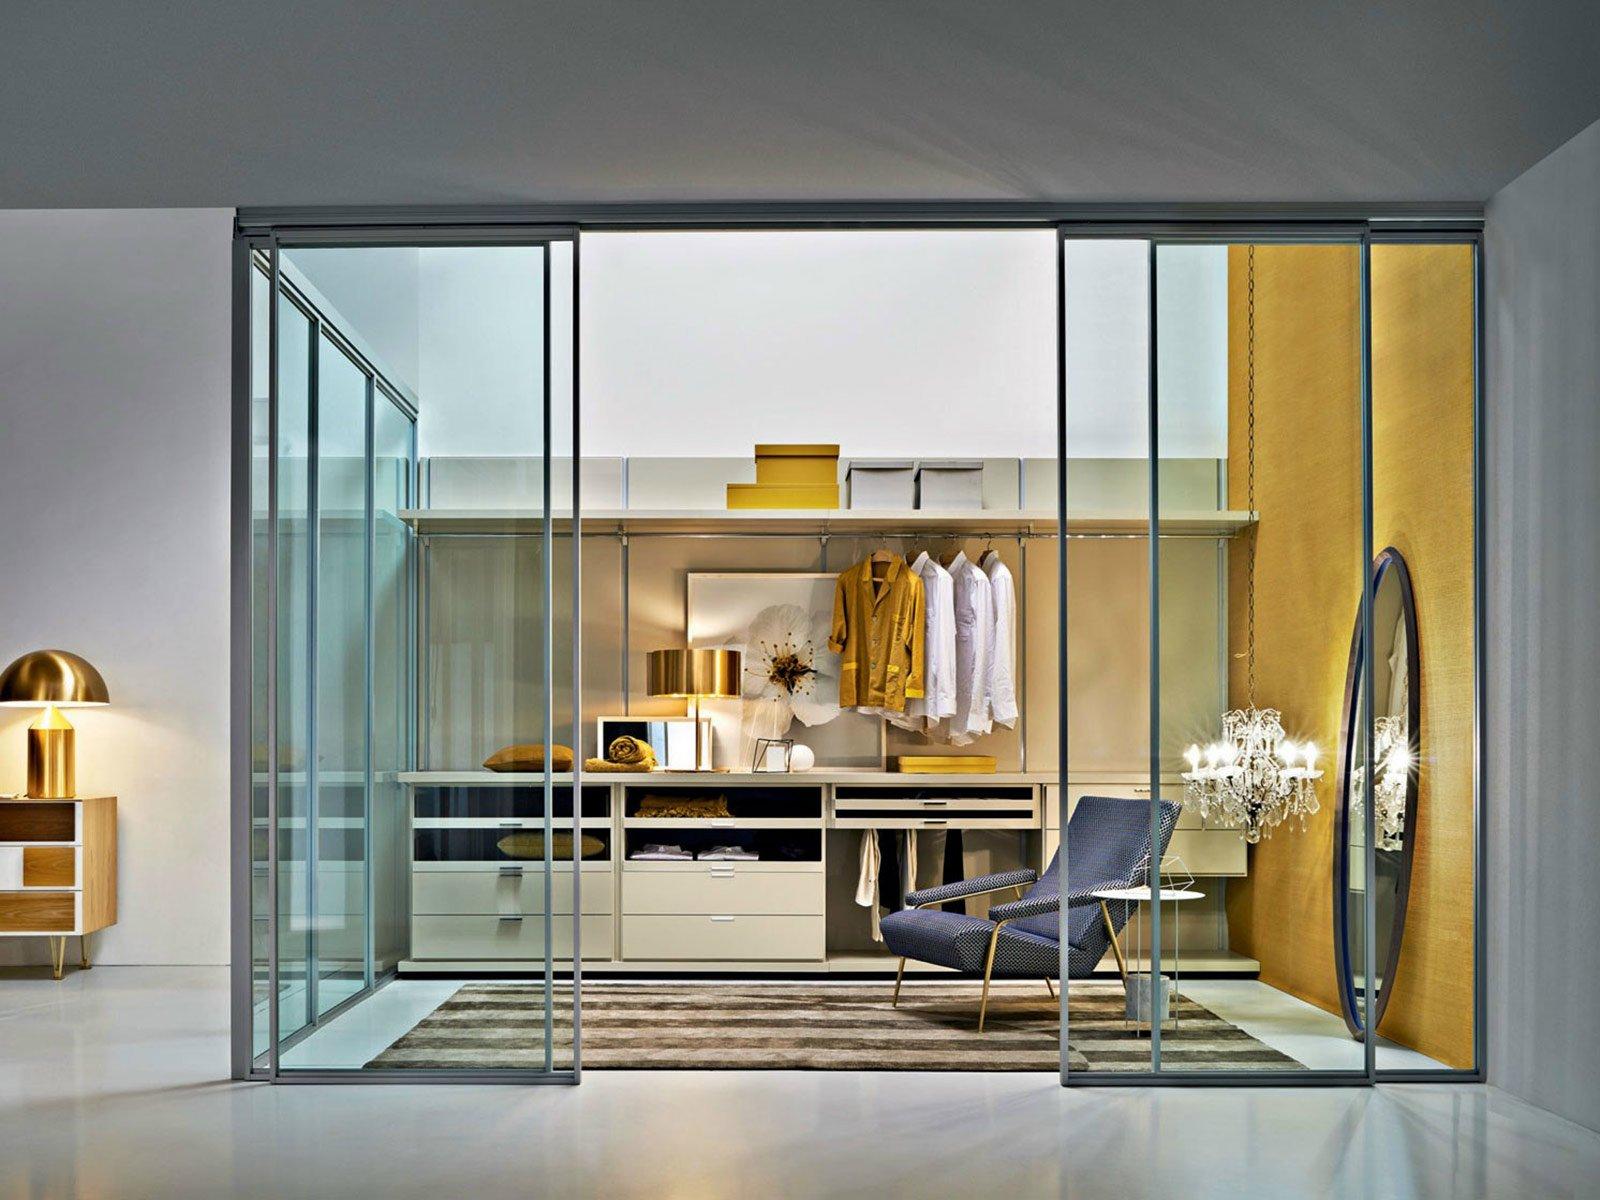 Dimensioni Minime Cabina Armadio : Cabine armadio progettiamo insieme lo spazio cose di casa